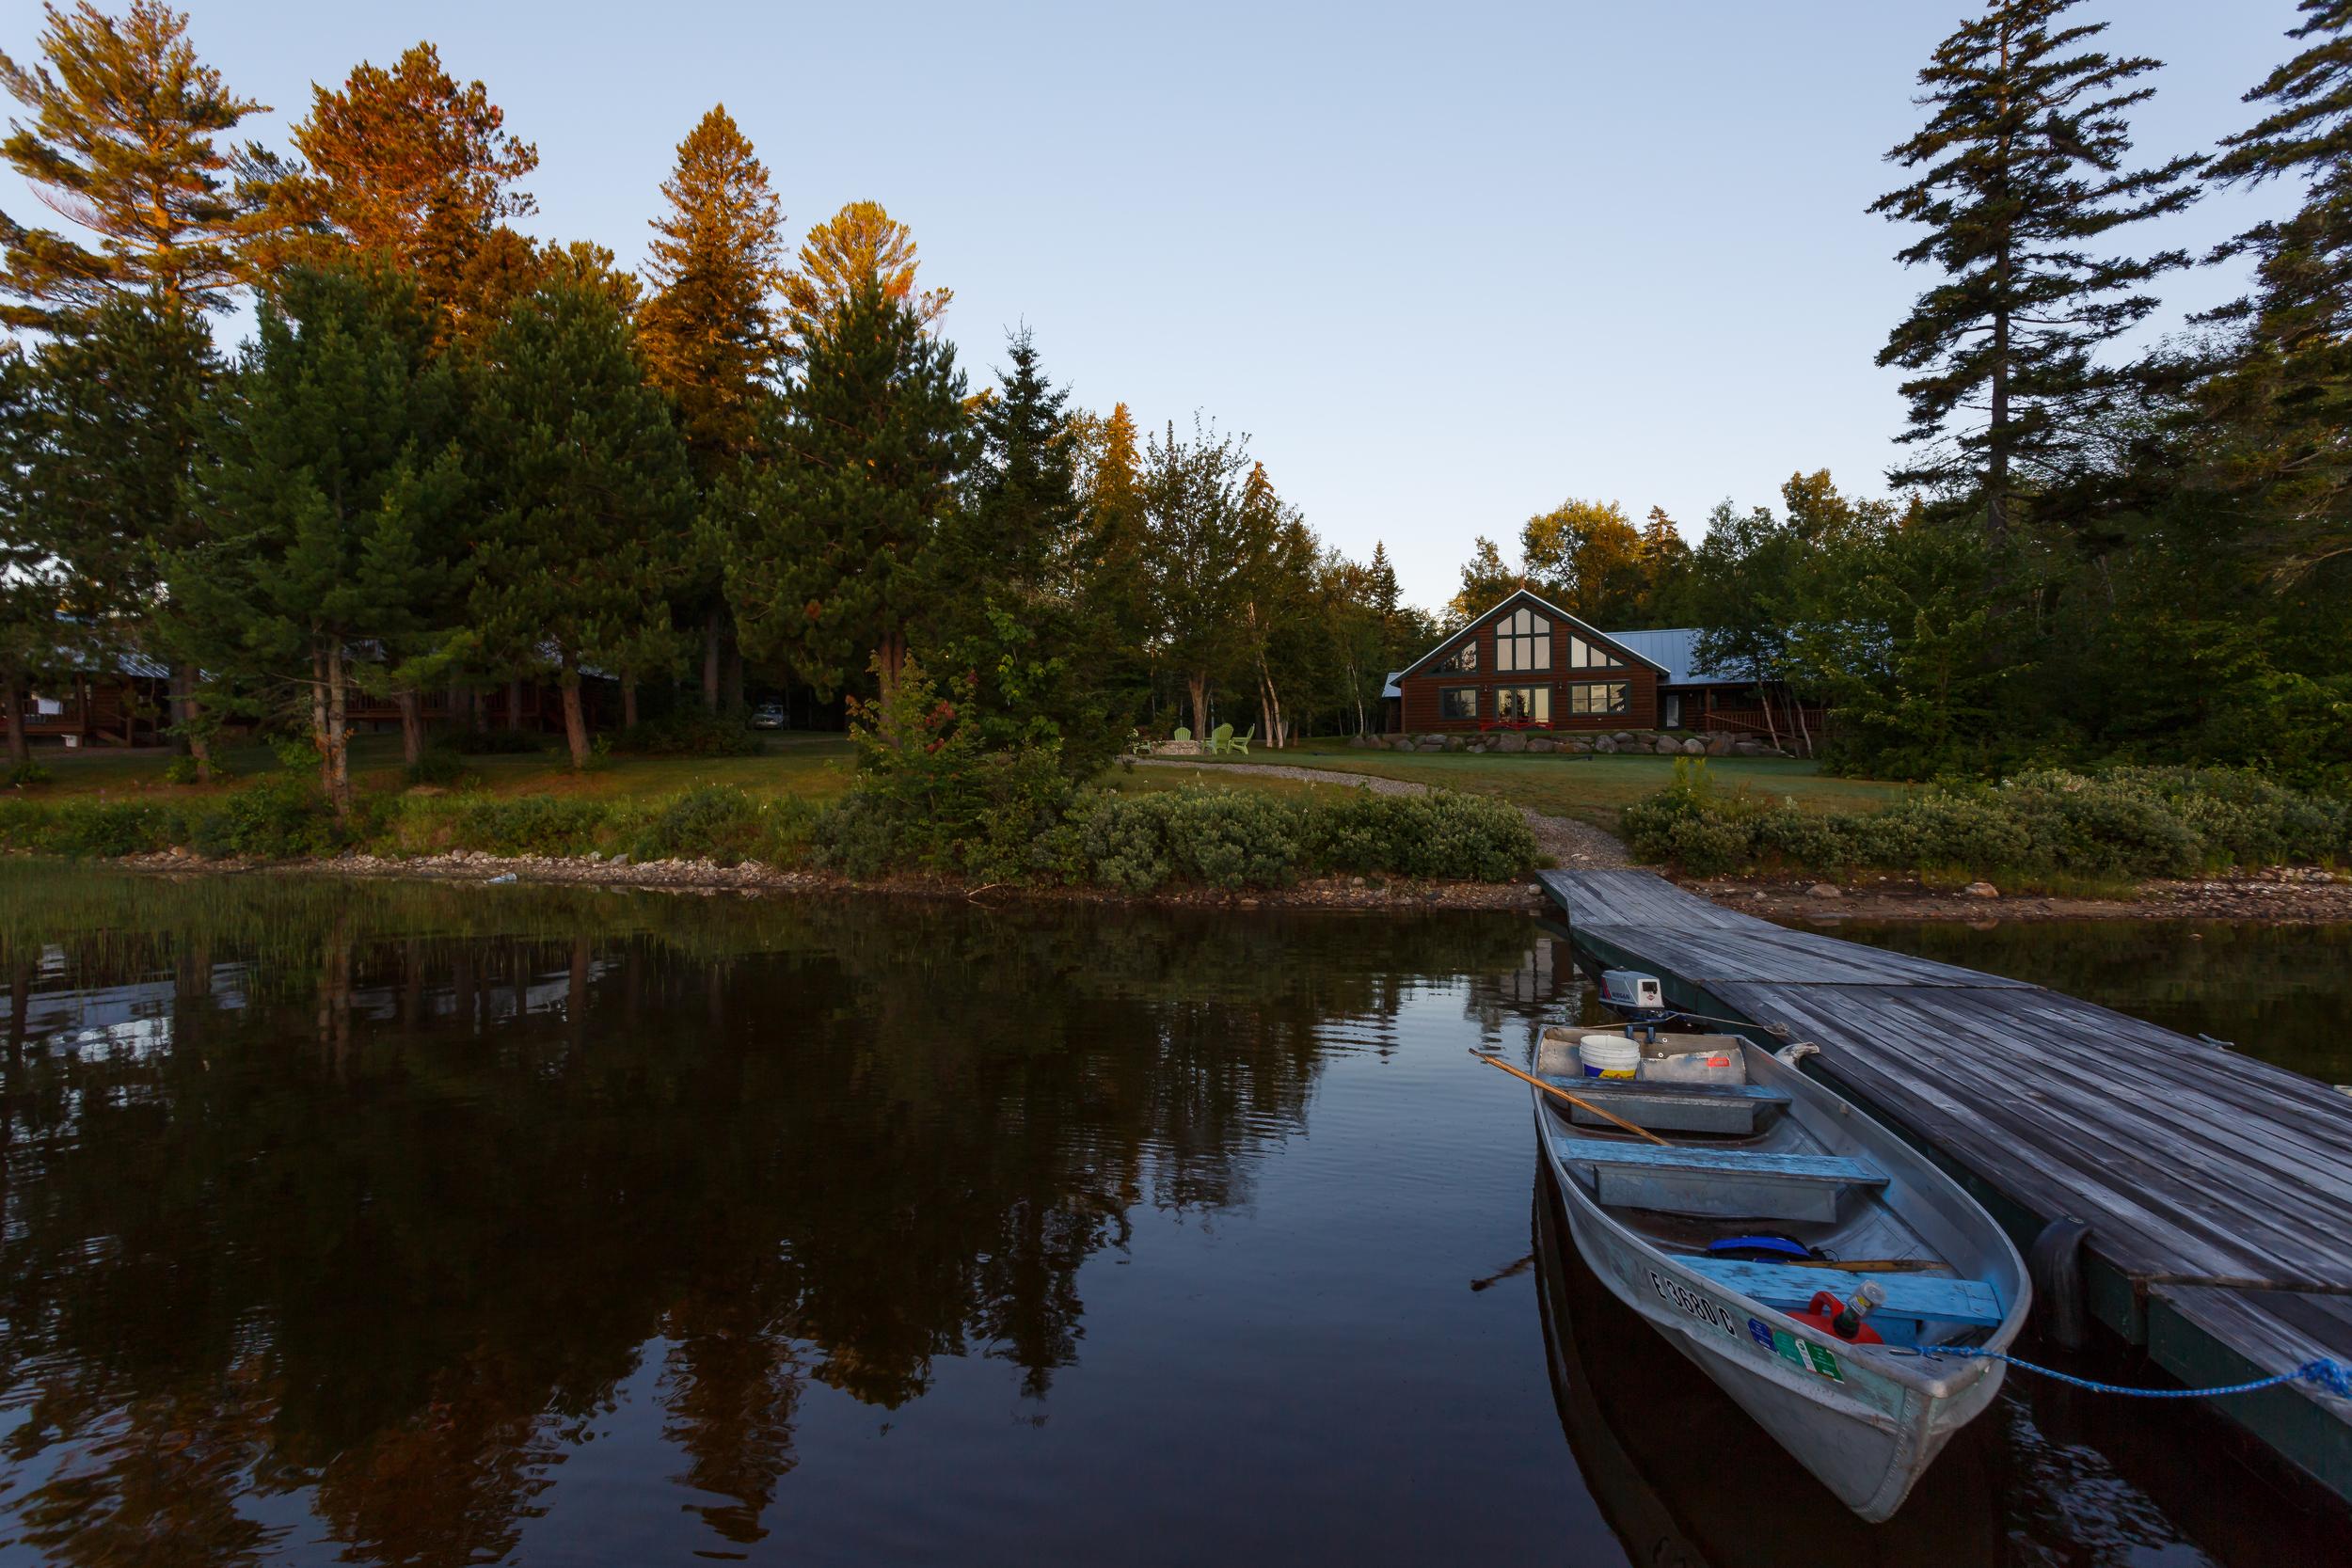 The dock and main lodge at Lake Parlin Pond